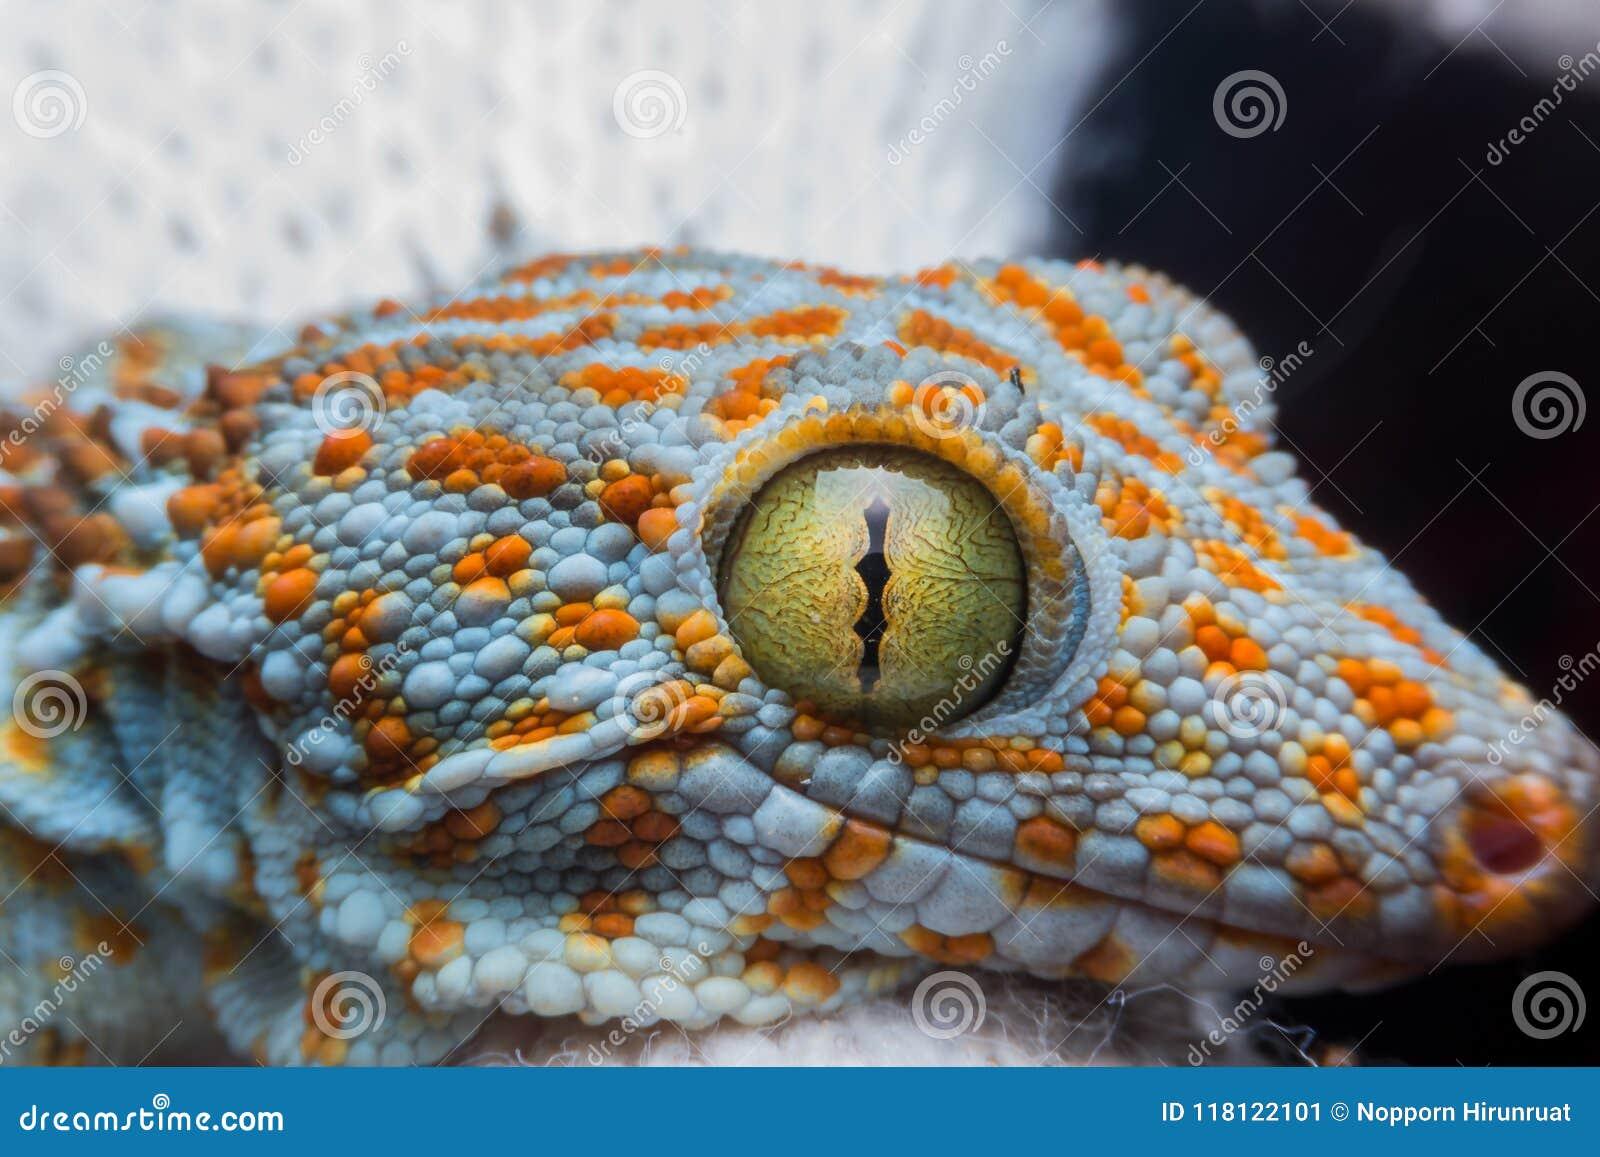 壁虎的眼睛